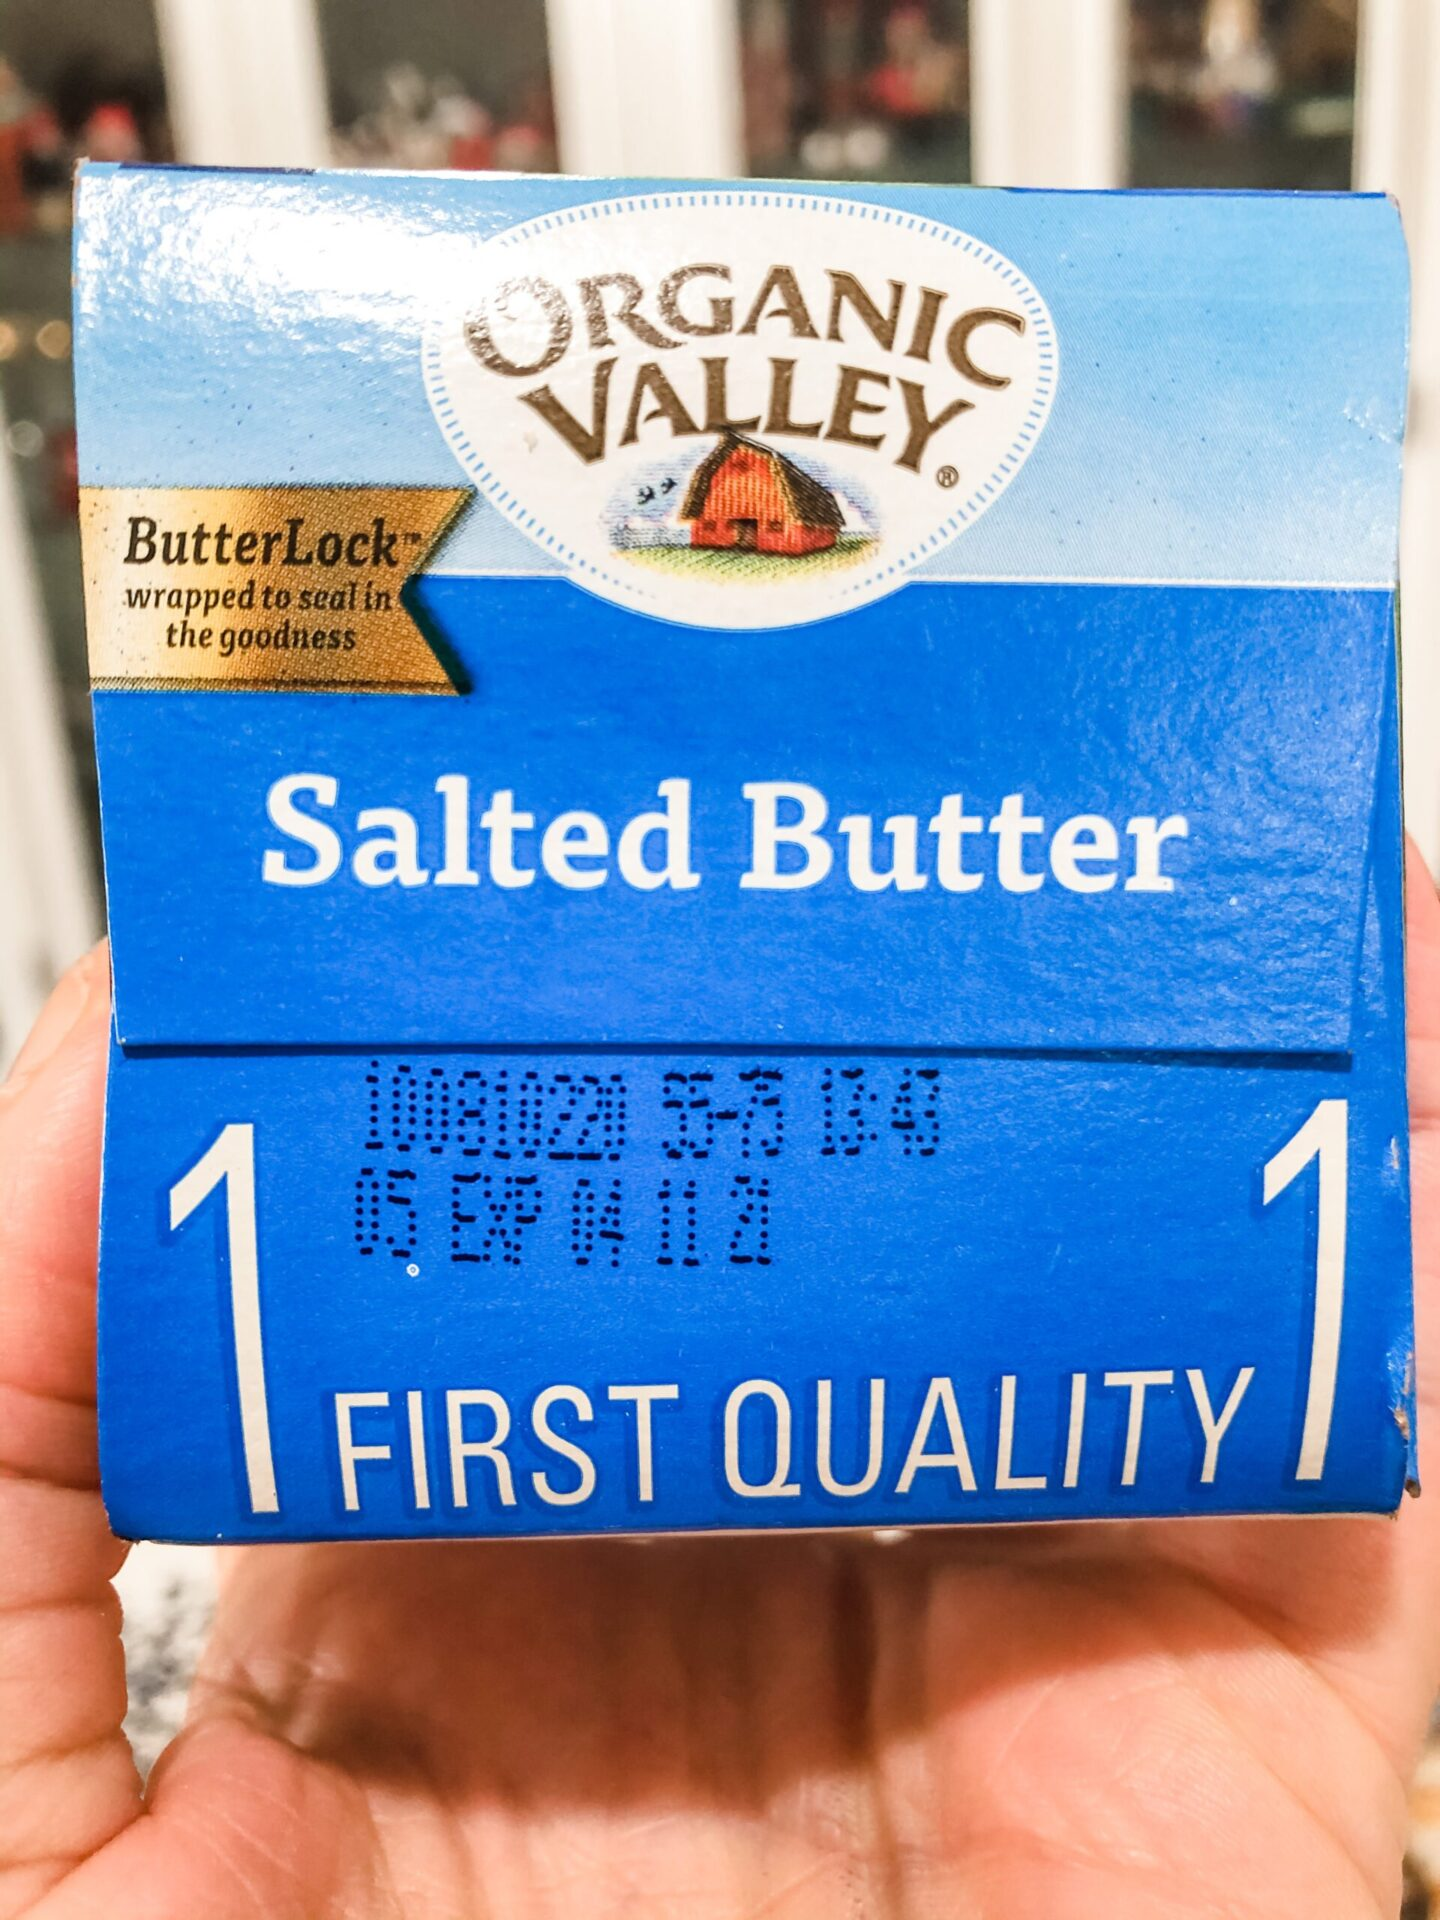 Organic valley butter closeup